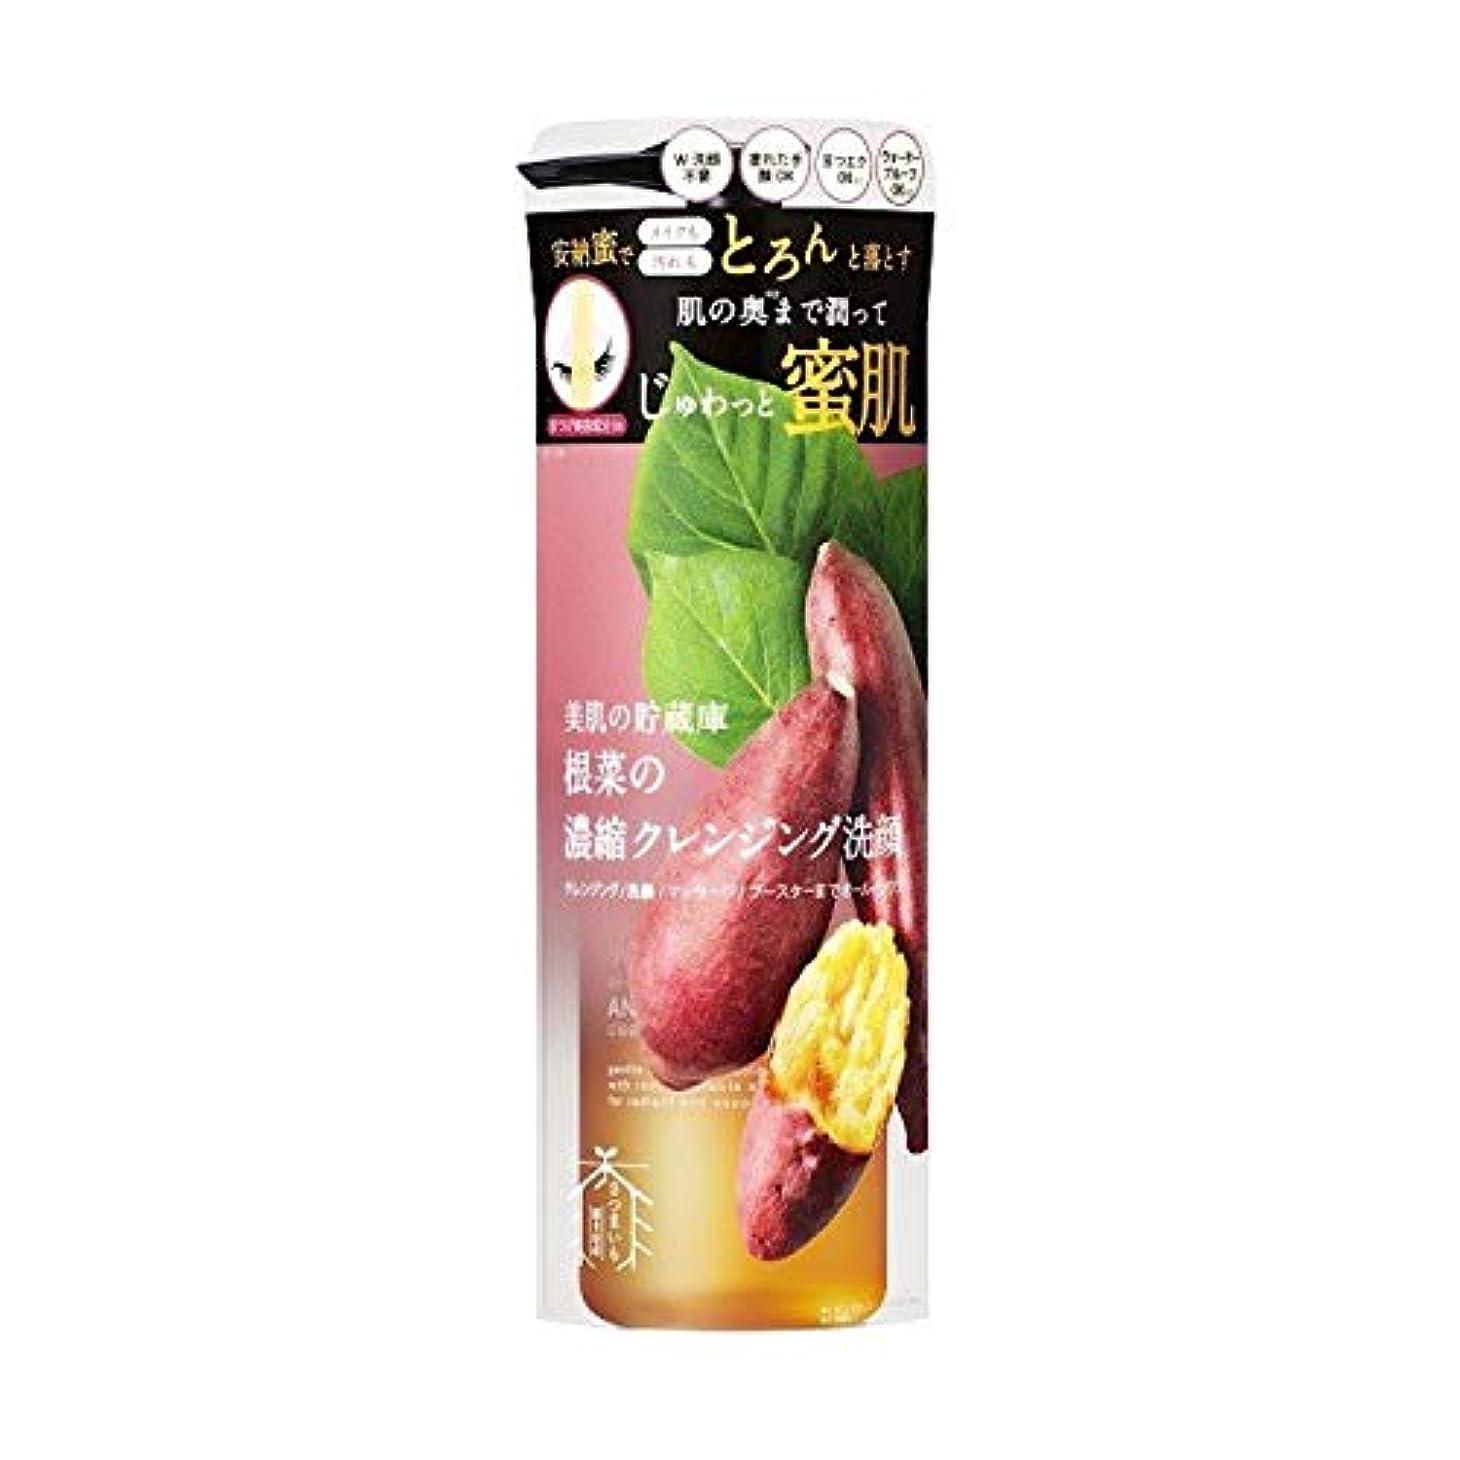 初心者エレクトロニック日焼け@cosme nippon 美肌の貯蔵庫 根菜の濃縮クレンジング洗顔 安納いも 200ml